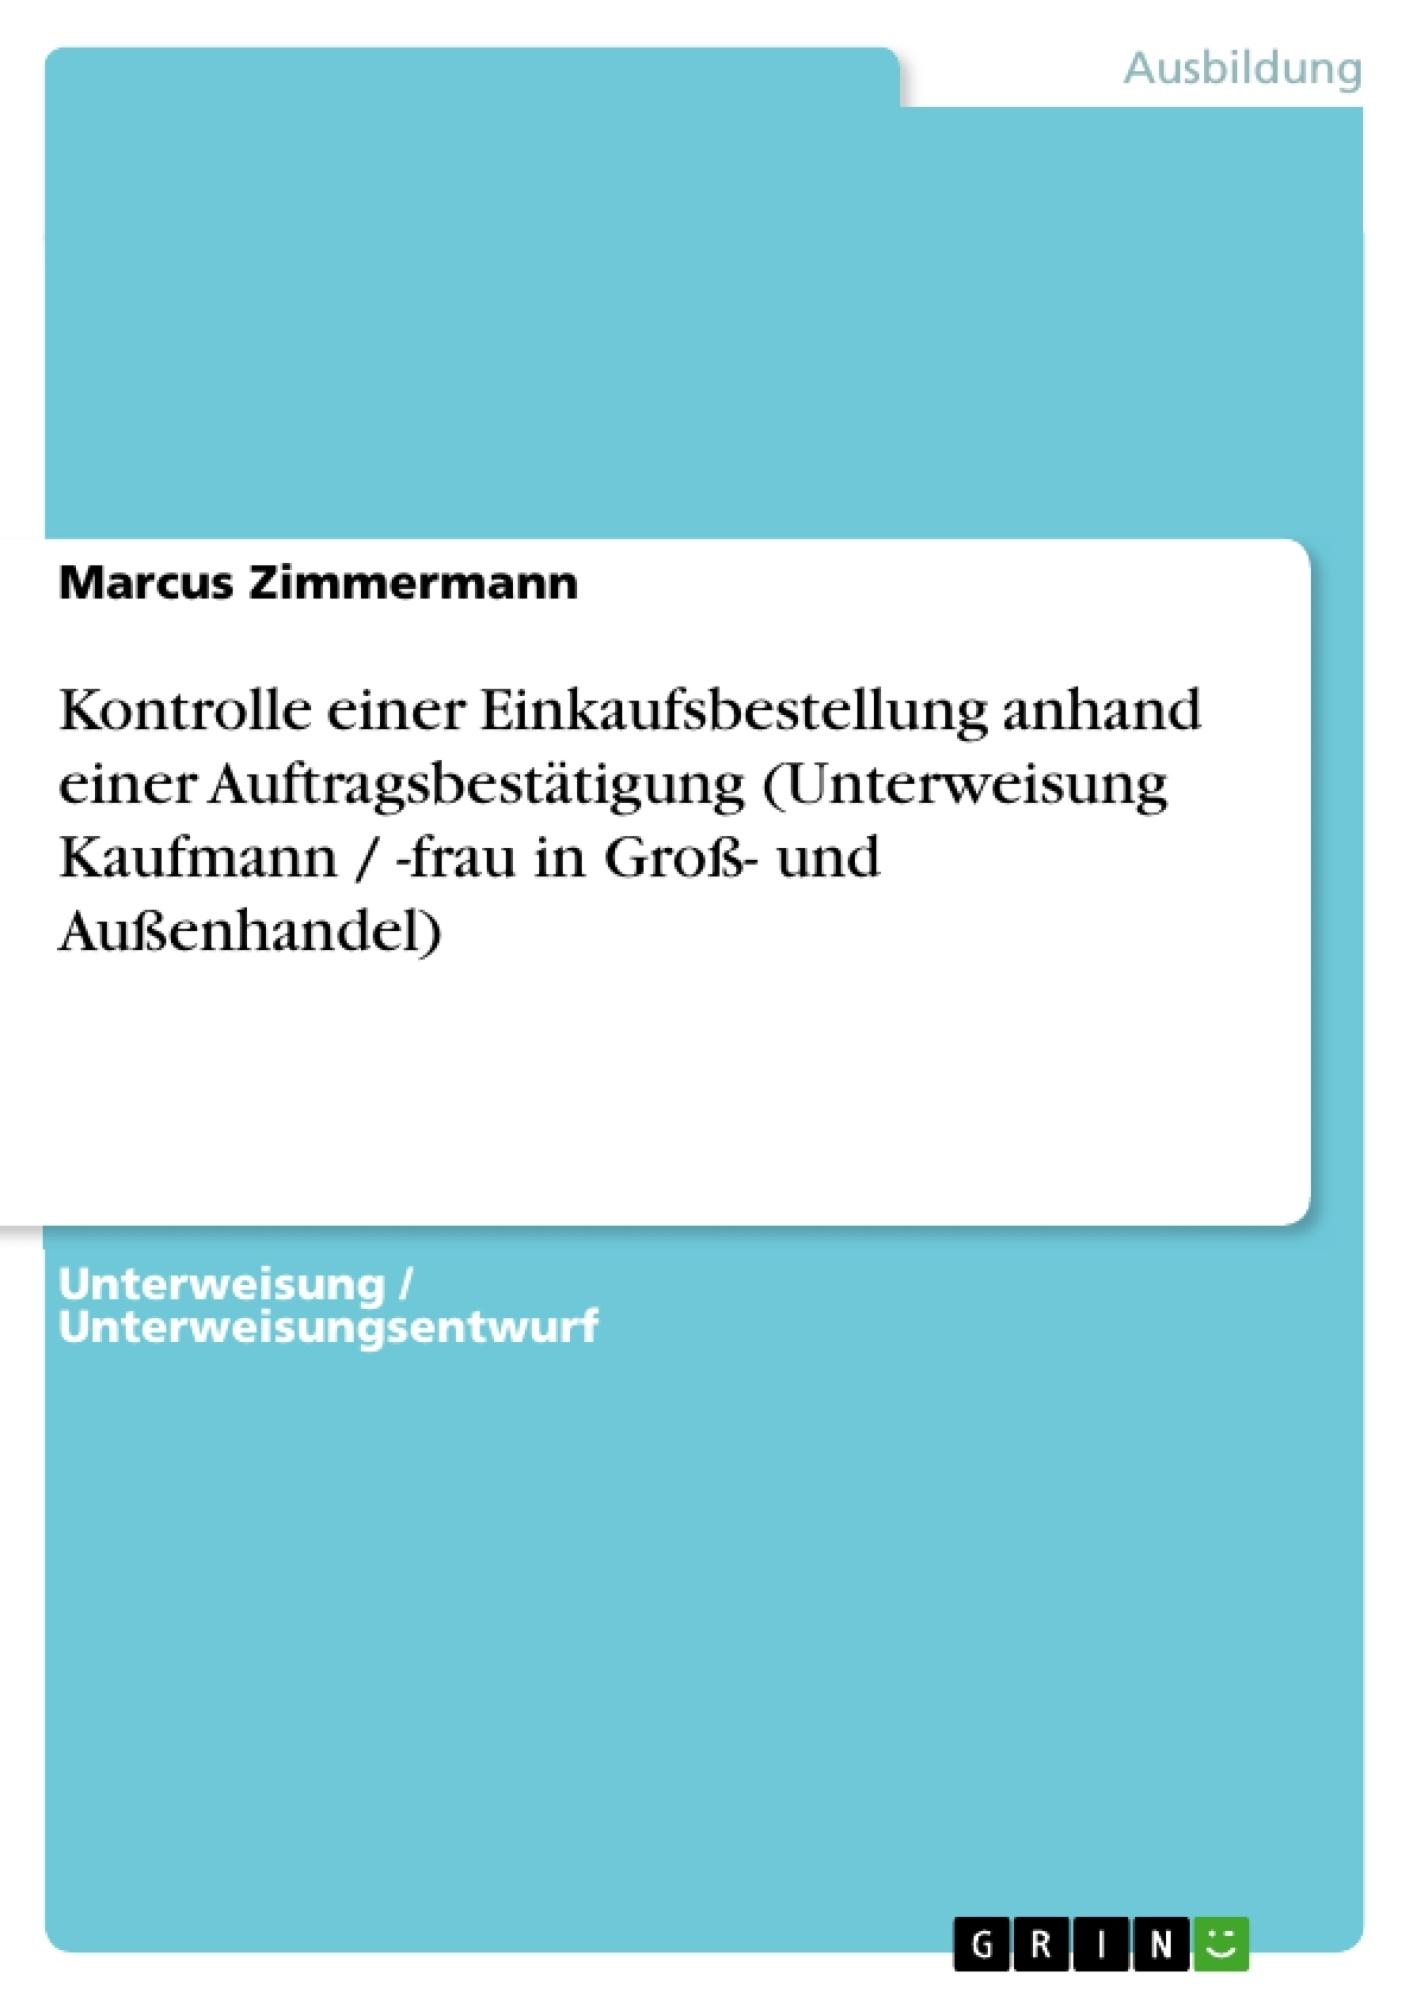 Titel: Kontrolle einer Einkaufsbestellung anhand einer Auftragsbestätigung (Unterweisung Kaufmann / -frau in Groß- und Außenhandel)